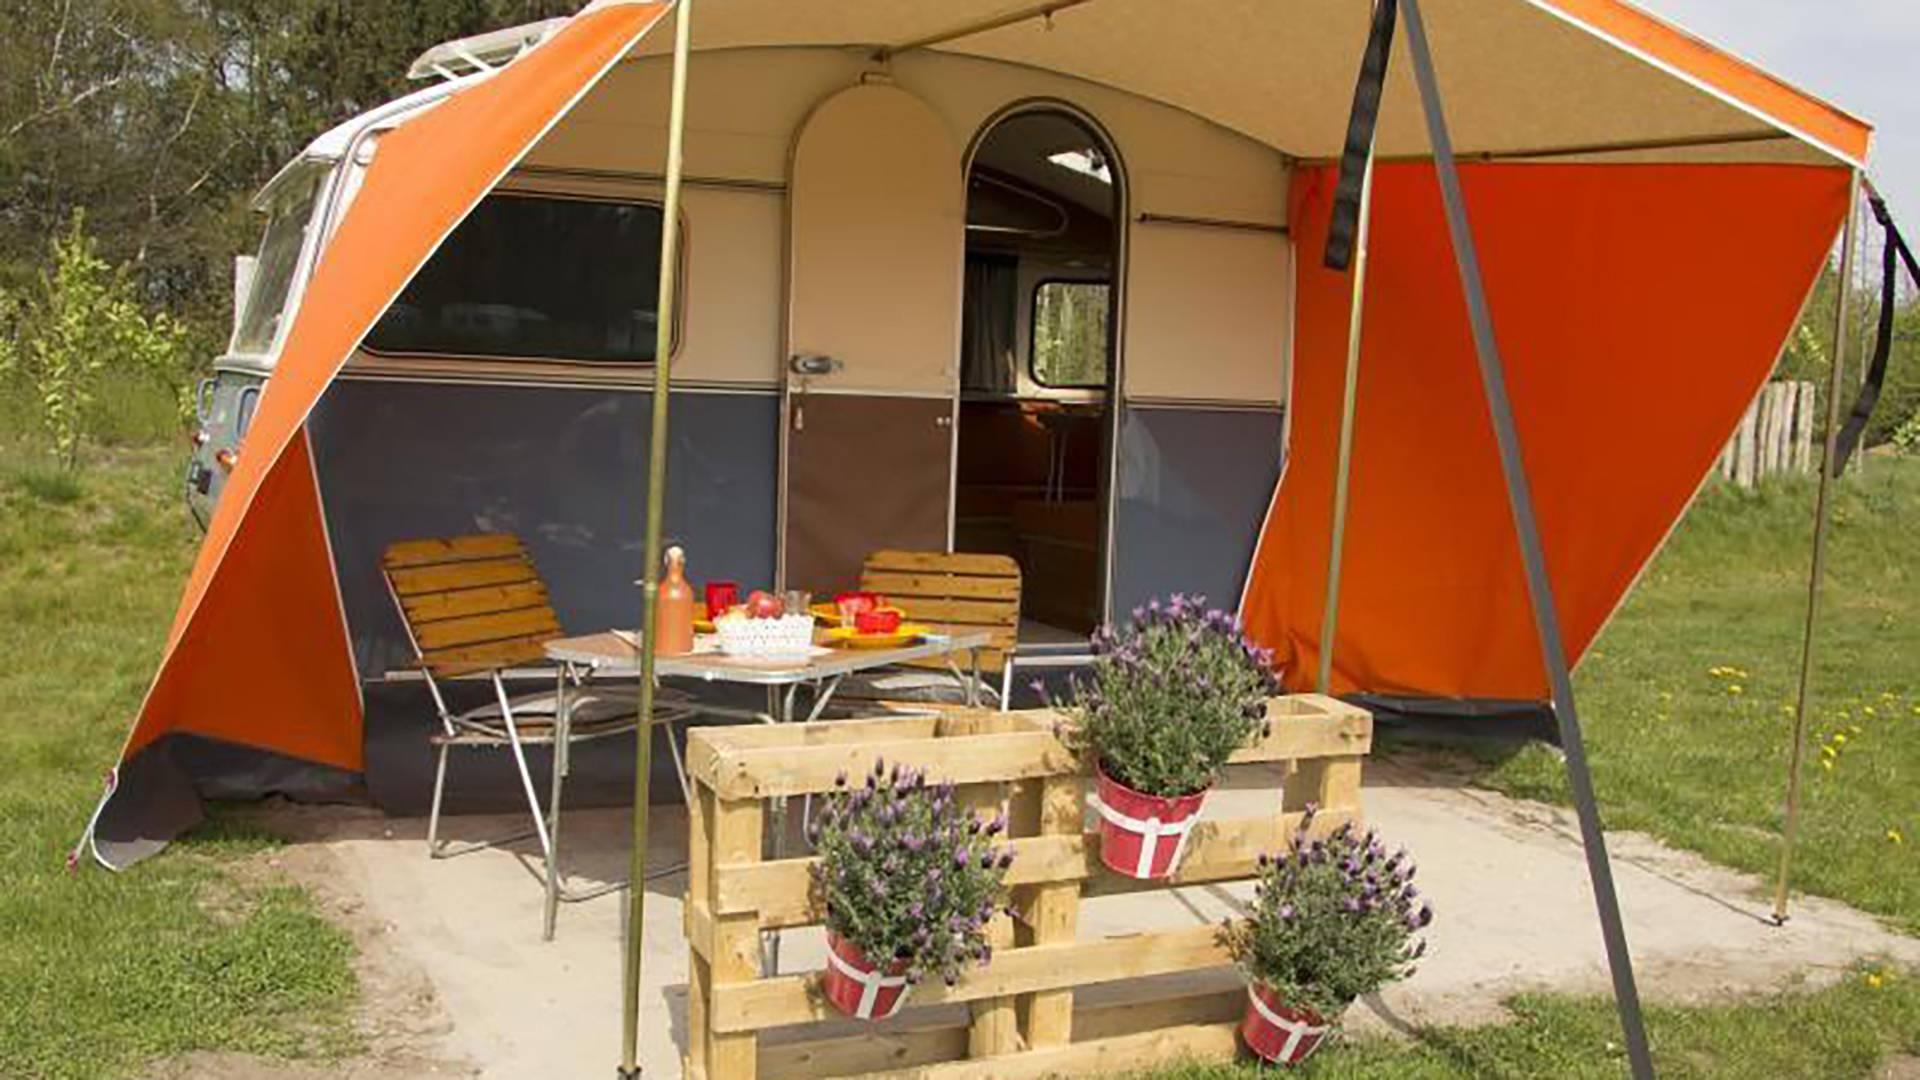 Camping Tafel Retro.Kamperen Het Goeie Leven